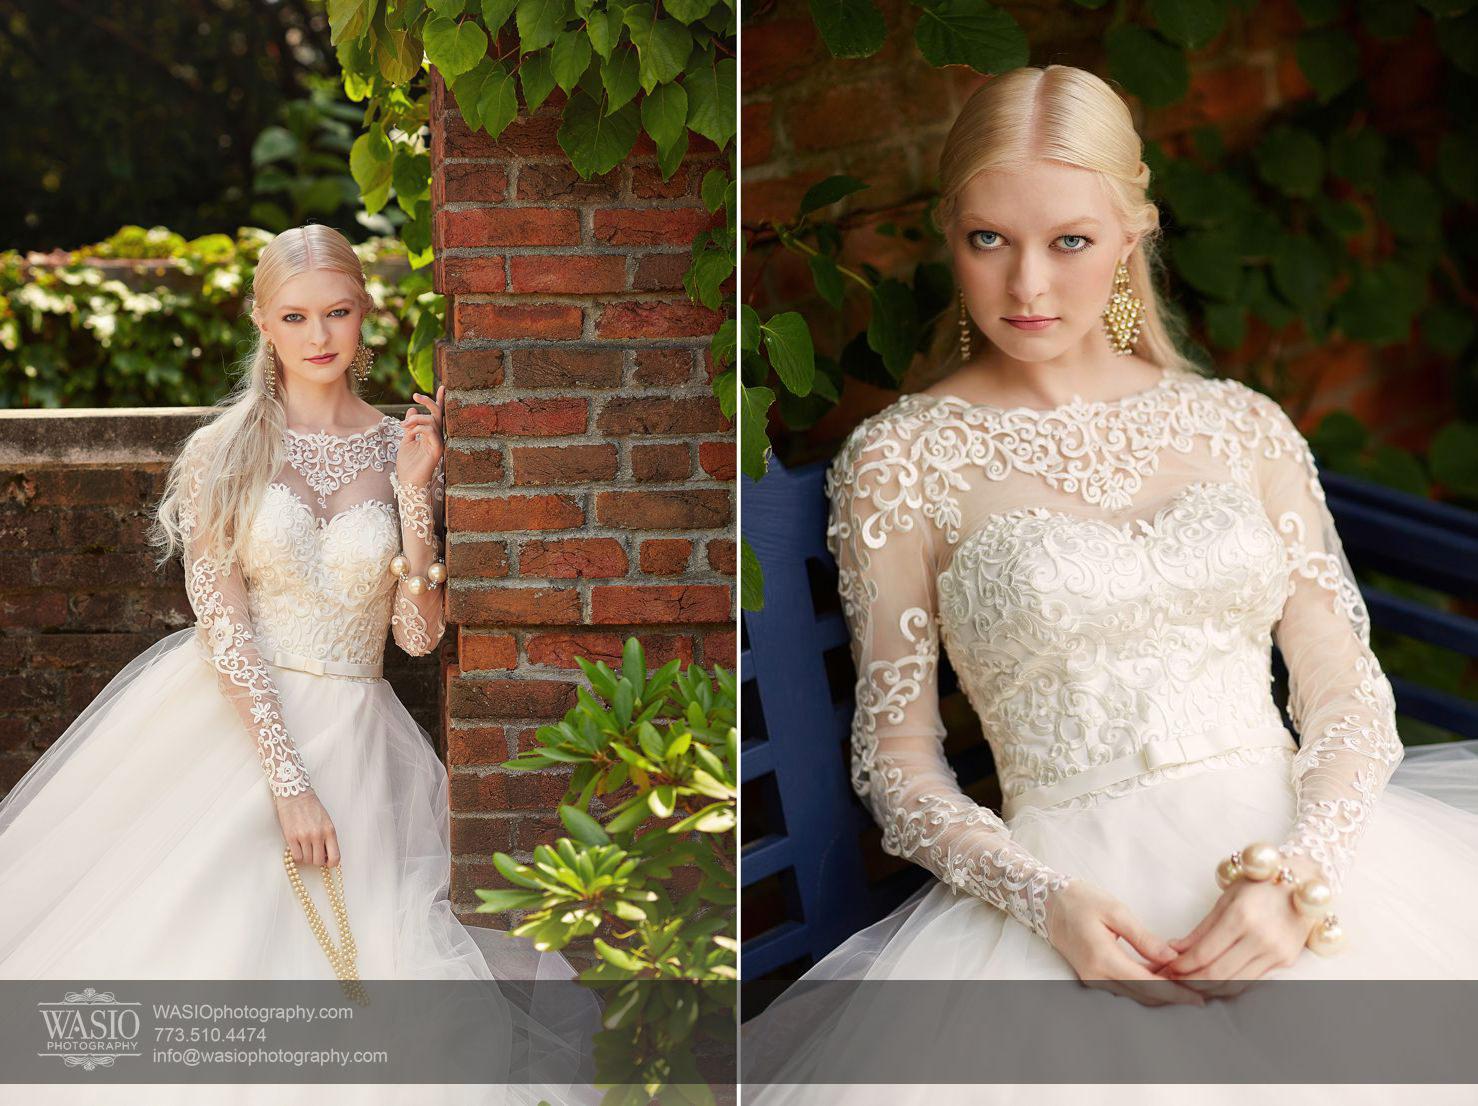 chicago-botanic-garden-classy-bride-summer-wedding-016 Chicago Botanic Garden - Classy Bride